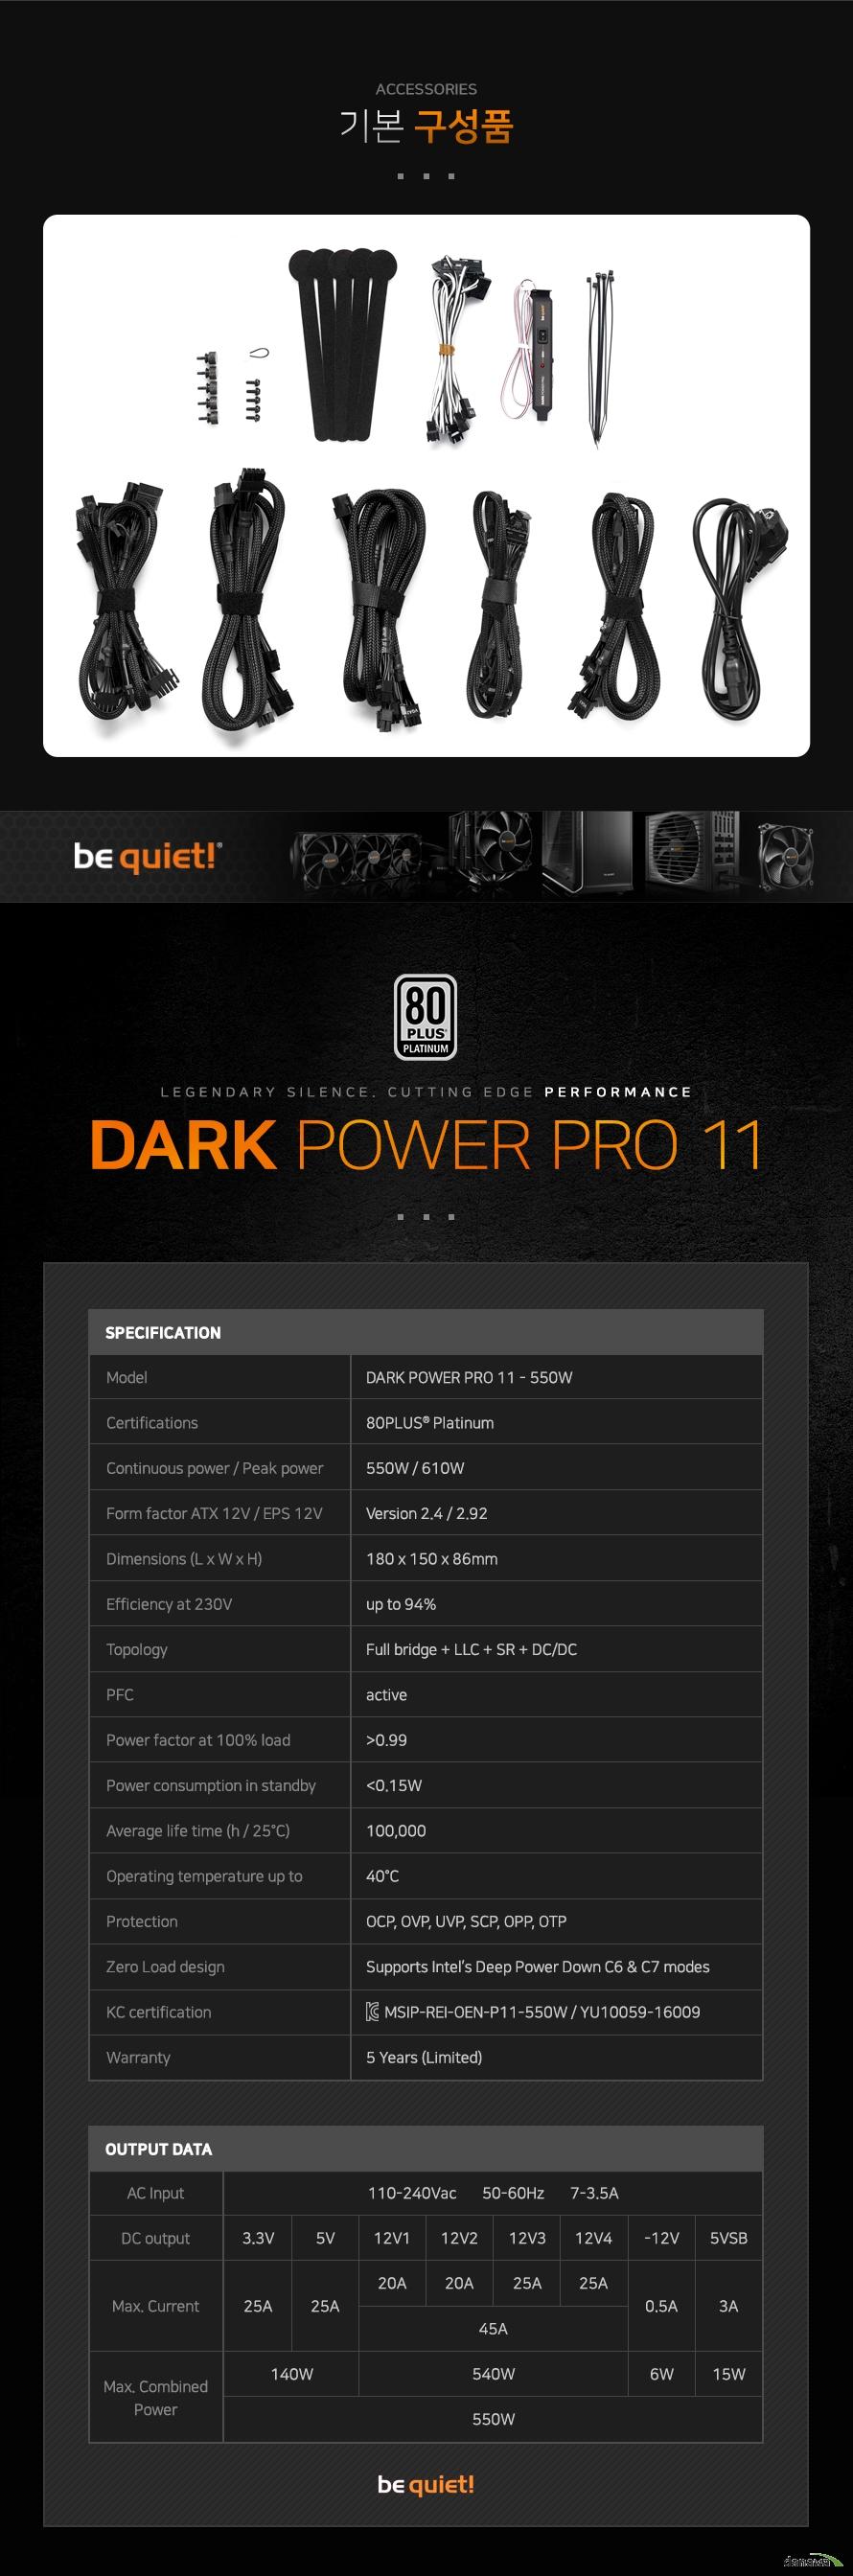 기본 구성품벨크로 케이블 타이 5개일회용 플라스틱 케이블 타이 6개손나사 5개나사 5개테스트 부팅용 핀 1개팬 케이블 5개오버클로킹 키모듈러 케이블 6개ModelDARK POWER PRO& 11 - 550WCertifications80PLUS & PlatinumContinuous power / Peak power550W / 610WForm factor& ATX& 12V / EPS 12VVersion 2.4 / 2.92Dimensions (L x W x H)180 x 150 x 86mmEfficiency at 230Vup to 94%TopologyFull bridge& + LLC +& SR& +& DC/DCPFCactivePower factor at 100% load0.99Power consumption in standby0.15WAverage life time (h / 25도)150도Operating temperature up to40도ProtectionOCP, OVP, UVP, SCP, OPP, OTPZero Load designSupports Intel Deep Power Down C6 & C7 modesKC certification     MSIP-REI-OEN-P11-550W / YU10059-16009Warranty5 Years (Limited)DARK POWER PRO 11 550WAC Input 110&240Vac 50&60Hz 7-3.5ADC Output 3.3V 5V 12V1 12V2 12V3 12V4 -12V 5VSBMax. Current 25A 25A 20A 20A 25A 25A 0.5A 3A 45AMax. Combined Power 140W 540W 6W 15W 550W